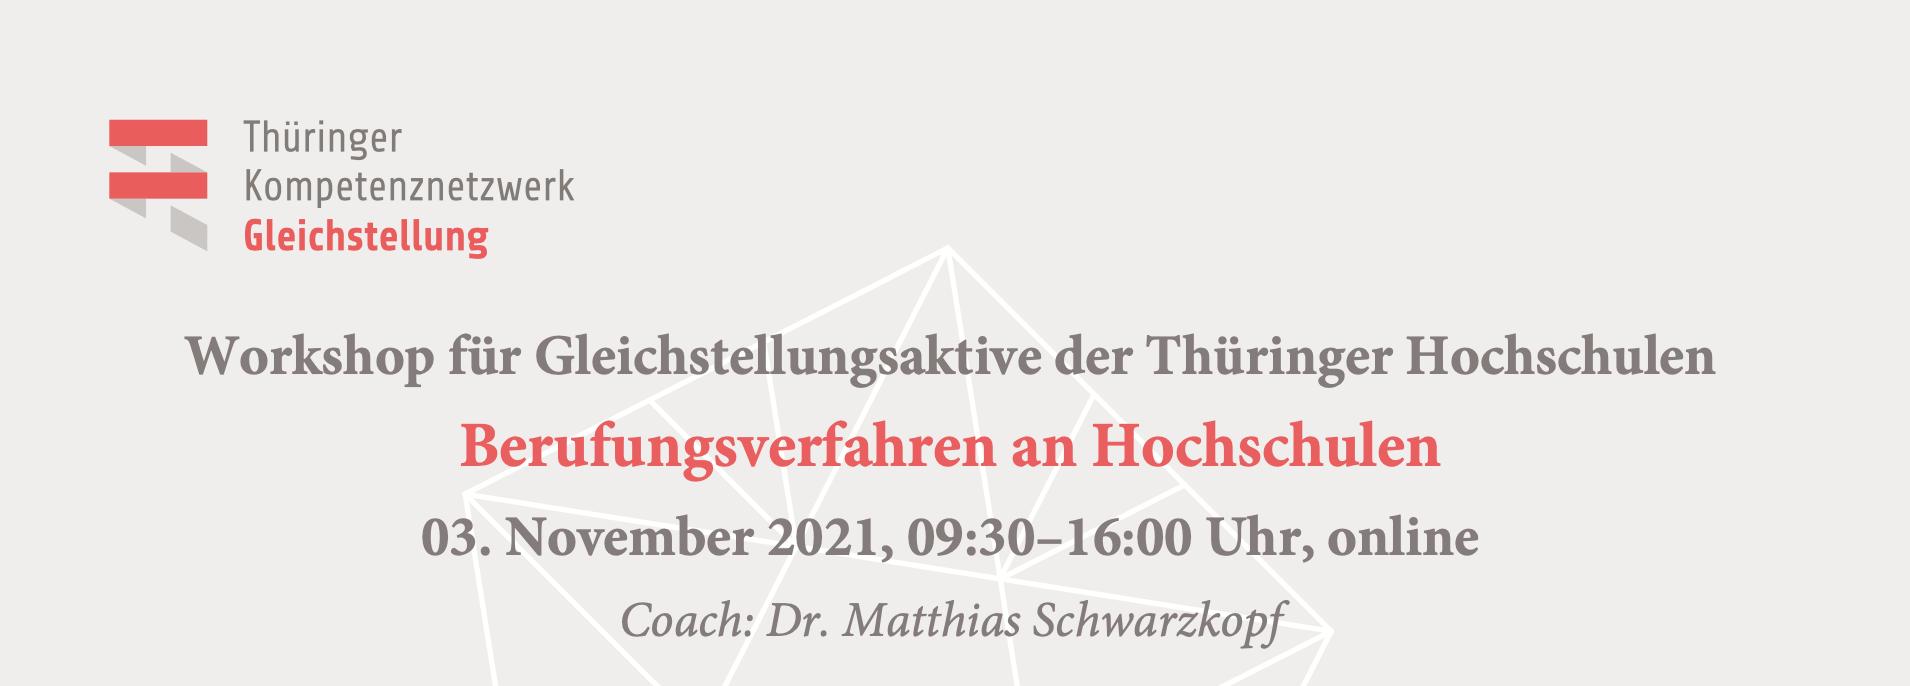 Workshop: Berufungsverfahren an Hochschulen